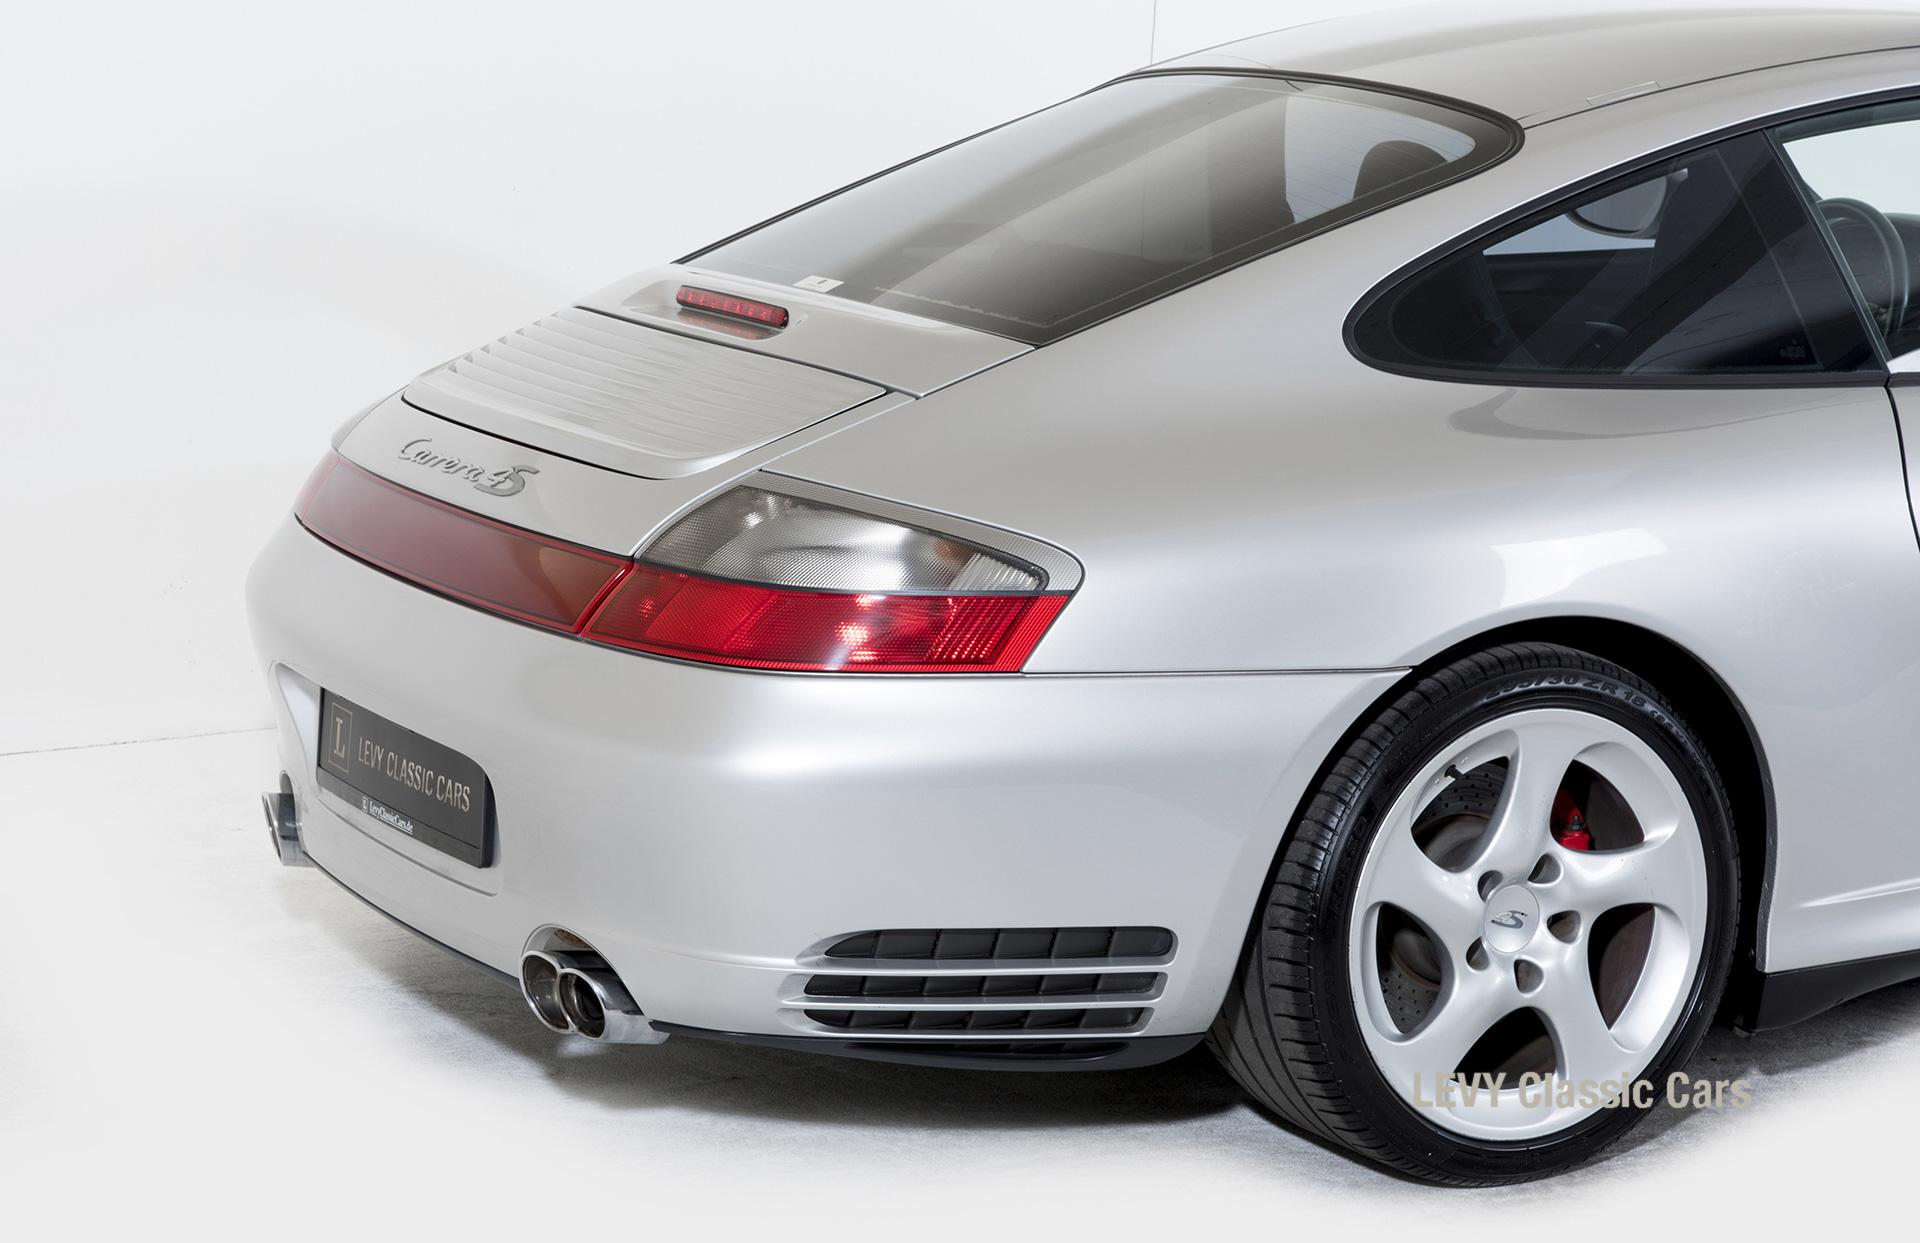 Porsche 996 00181 61